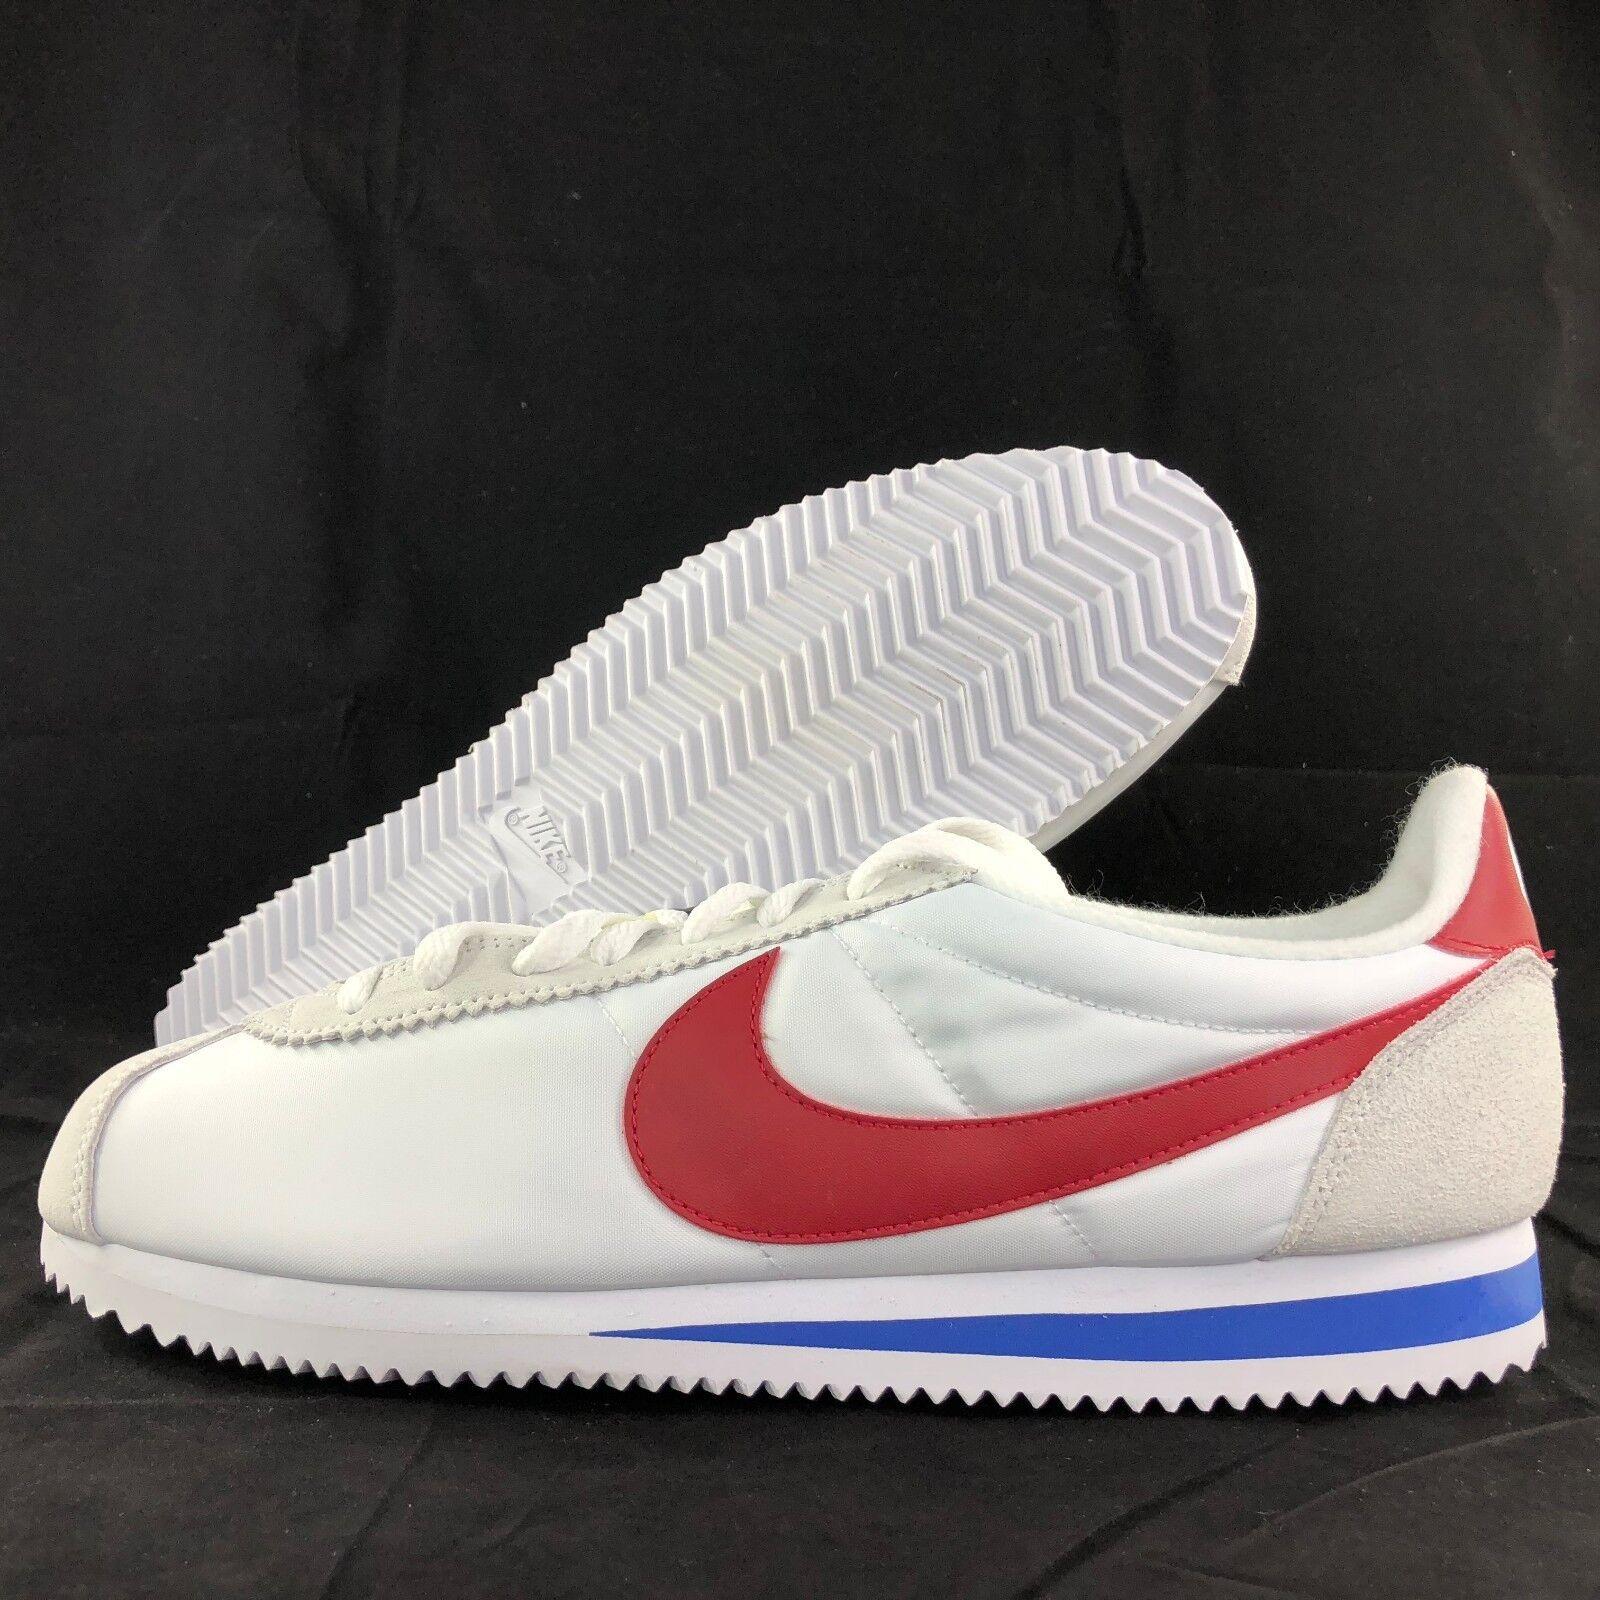 Nike Classic Cortez Nylon PREM QS Forrest Gump White Red 898280-100 Men's 10.5 best-selling model of the brand